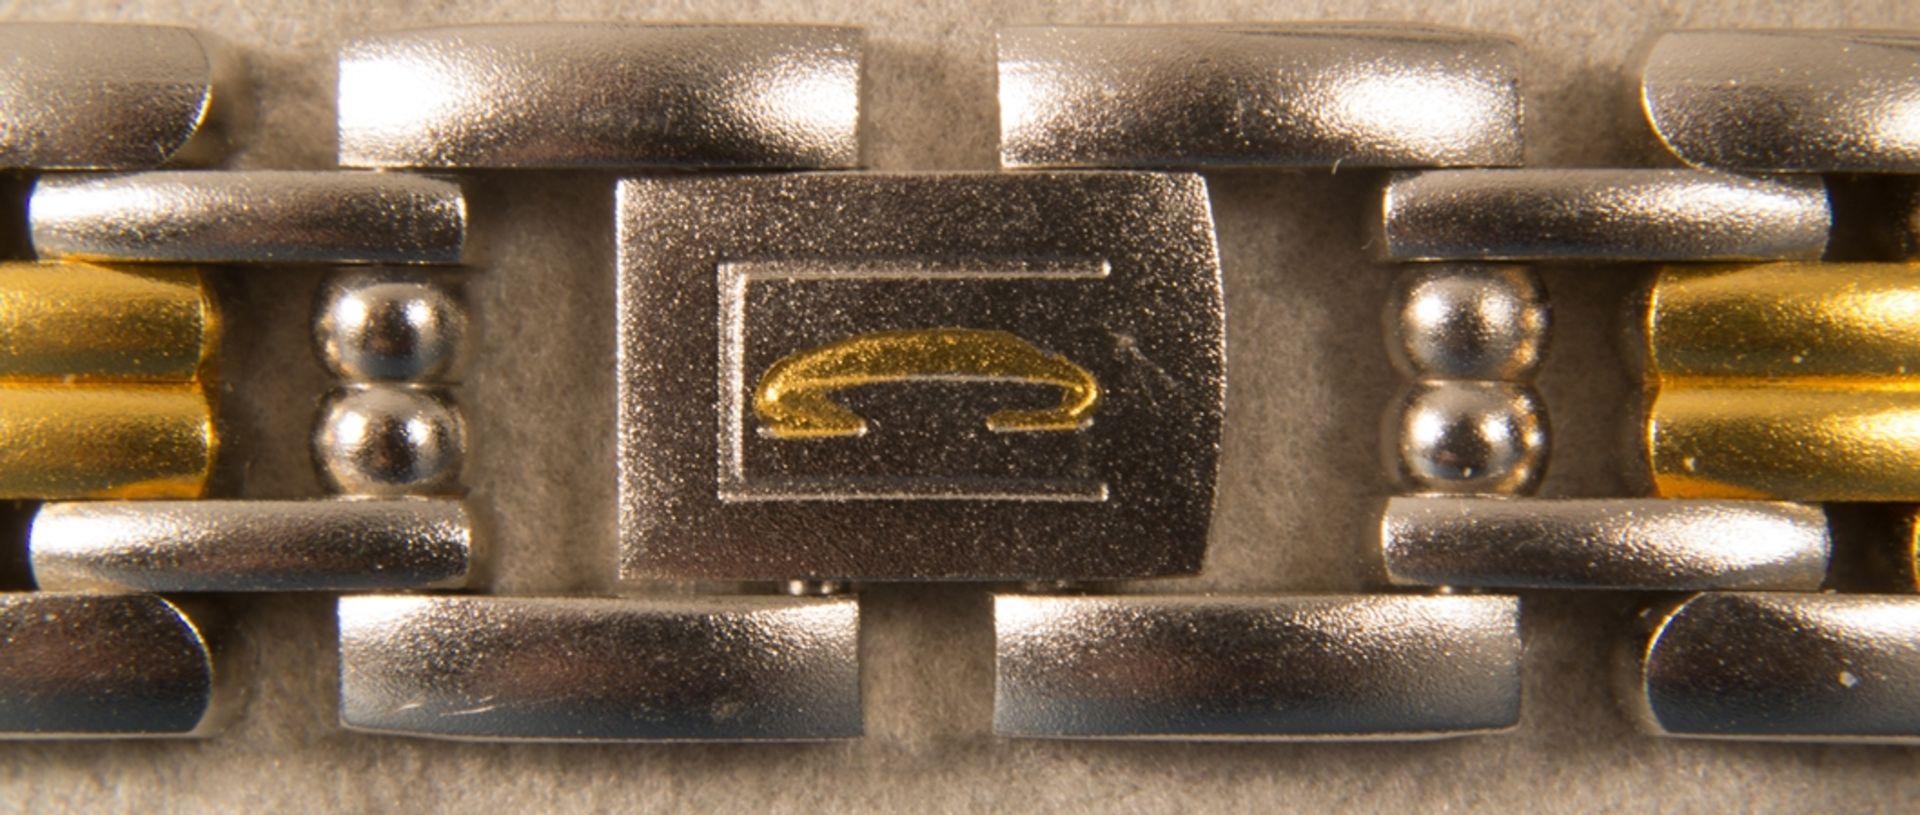 CITIZEN - CLARITI - BICOLOR (Stahl/Gold) Damenarmbanduhr, Ziffernblatt mit figürlicher Vignette (Reh - Bild 6 aus 8